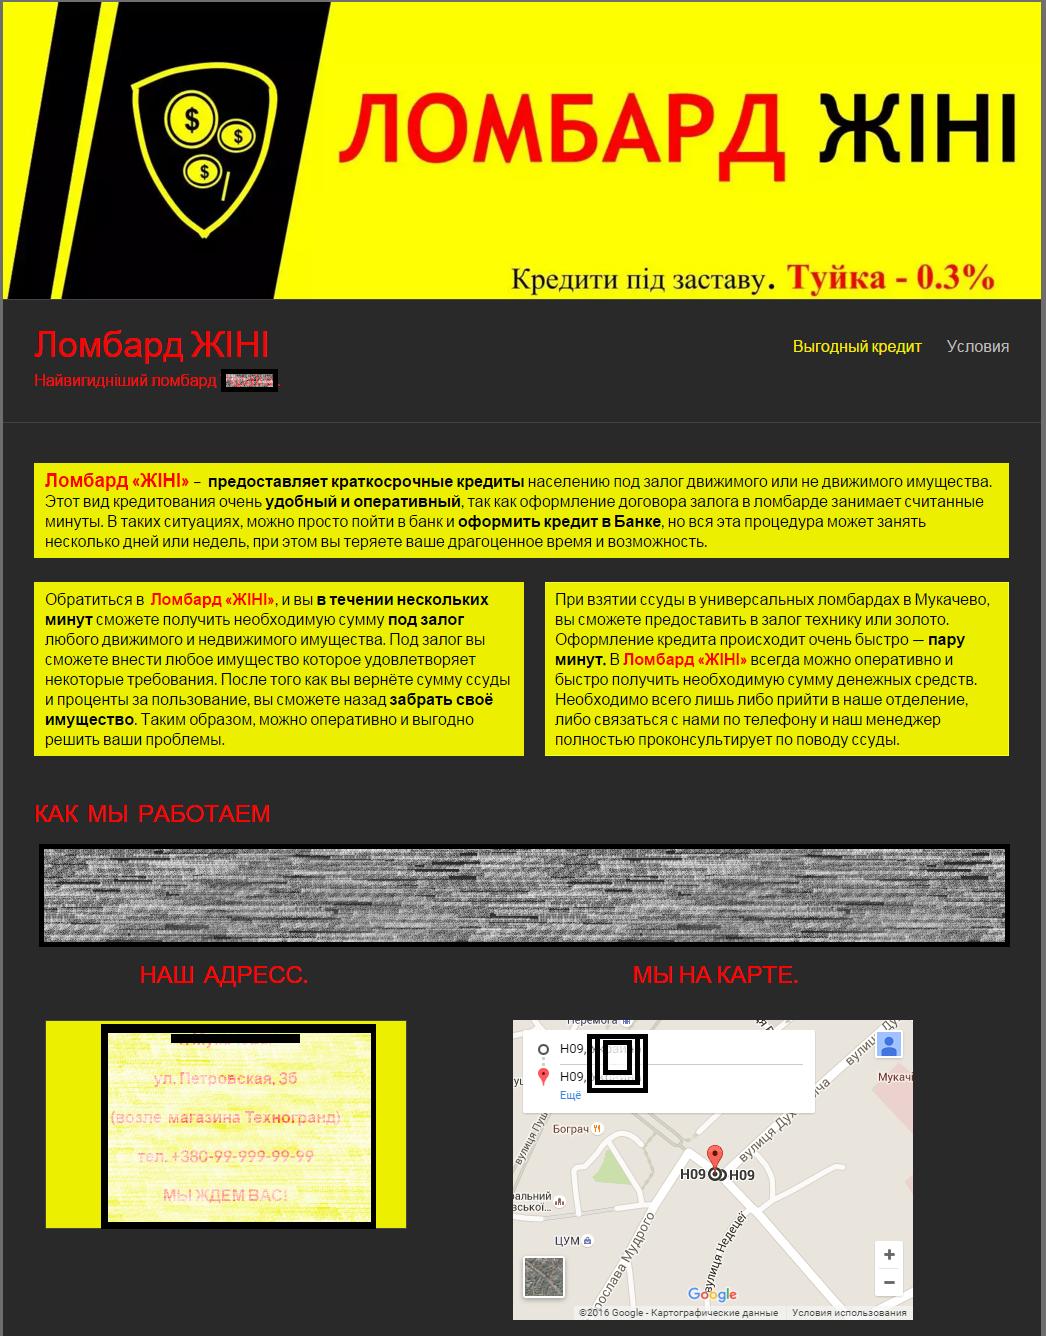 Создание и продвижение сайта под ключ ногинск